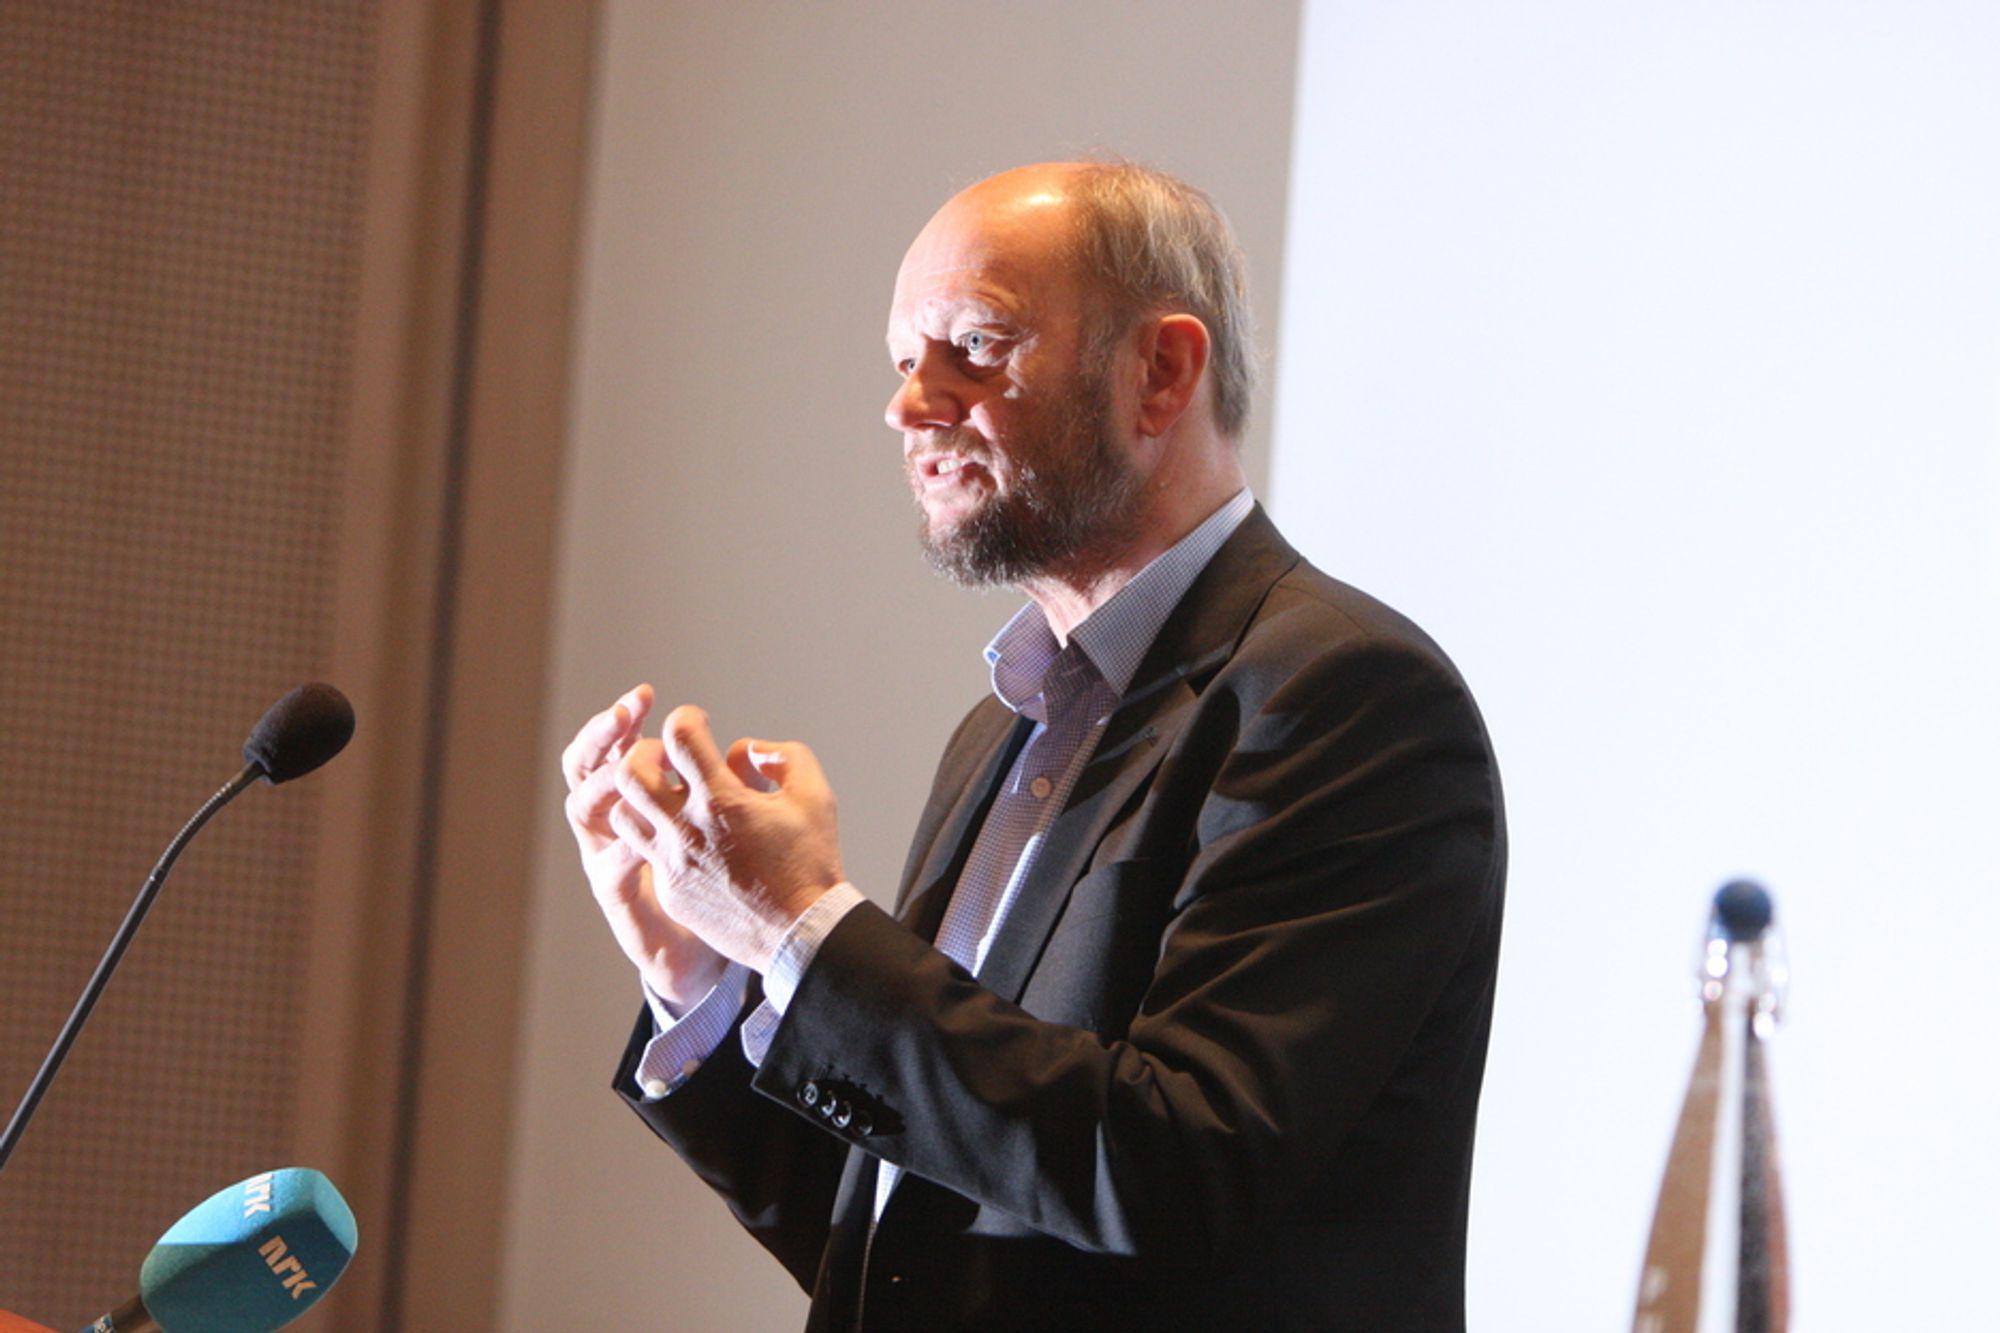 GLØDER FOR INDUSTRIEN: Stein Lier-Hansen i Norsk Industri etterlyser både stabil kraftproduksjon og CO2-kompensasjon for norske industribedrifter.